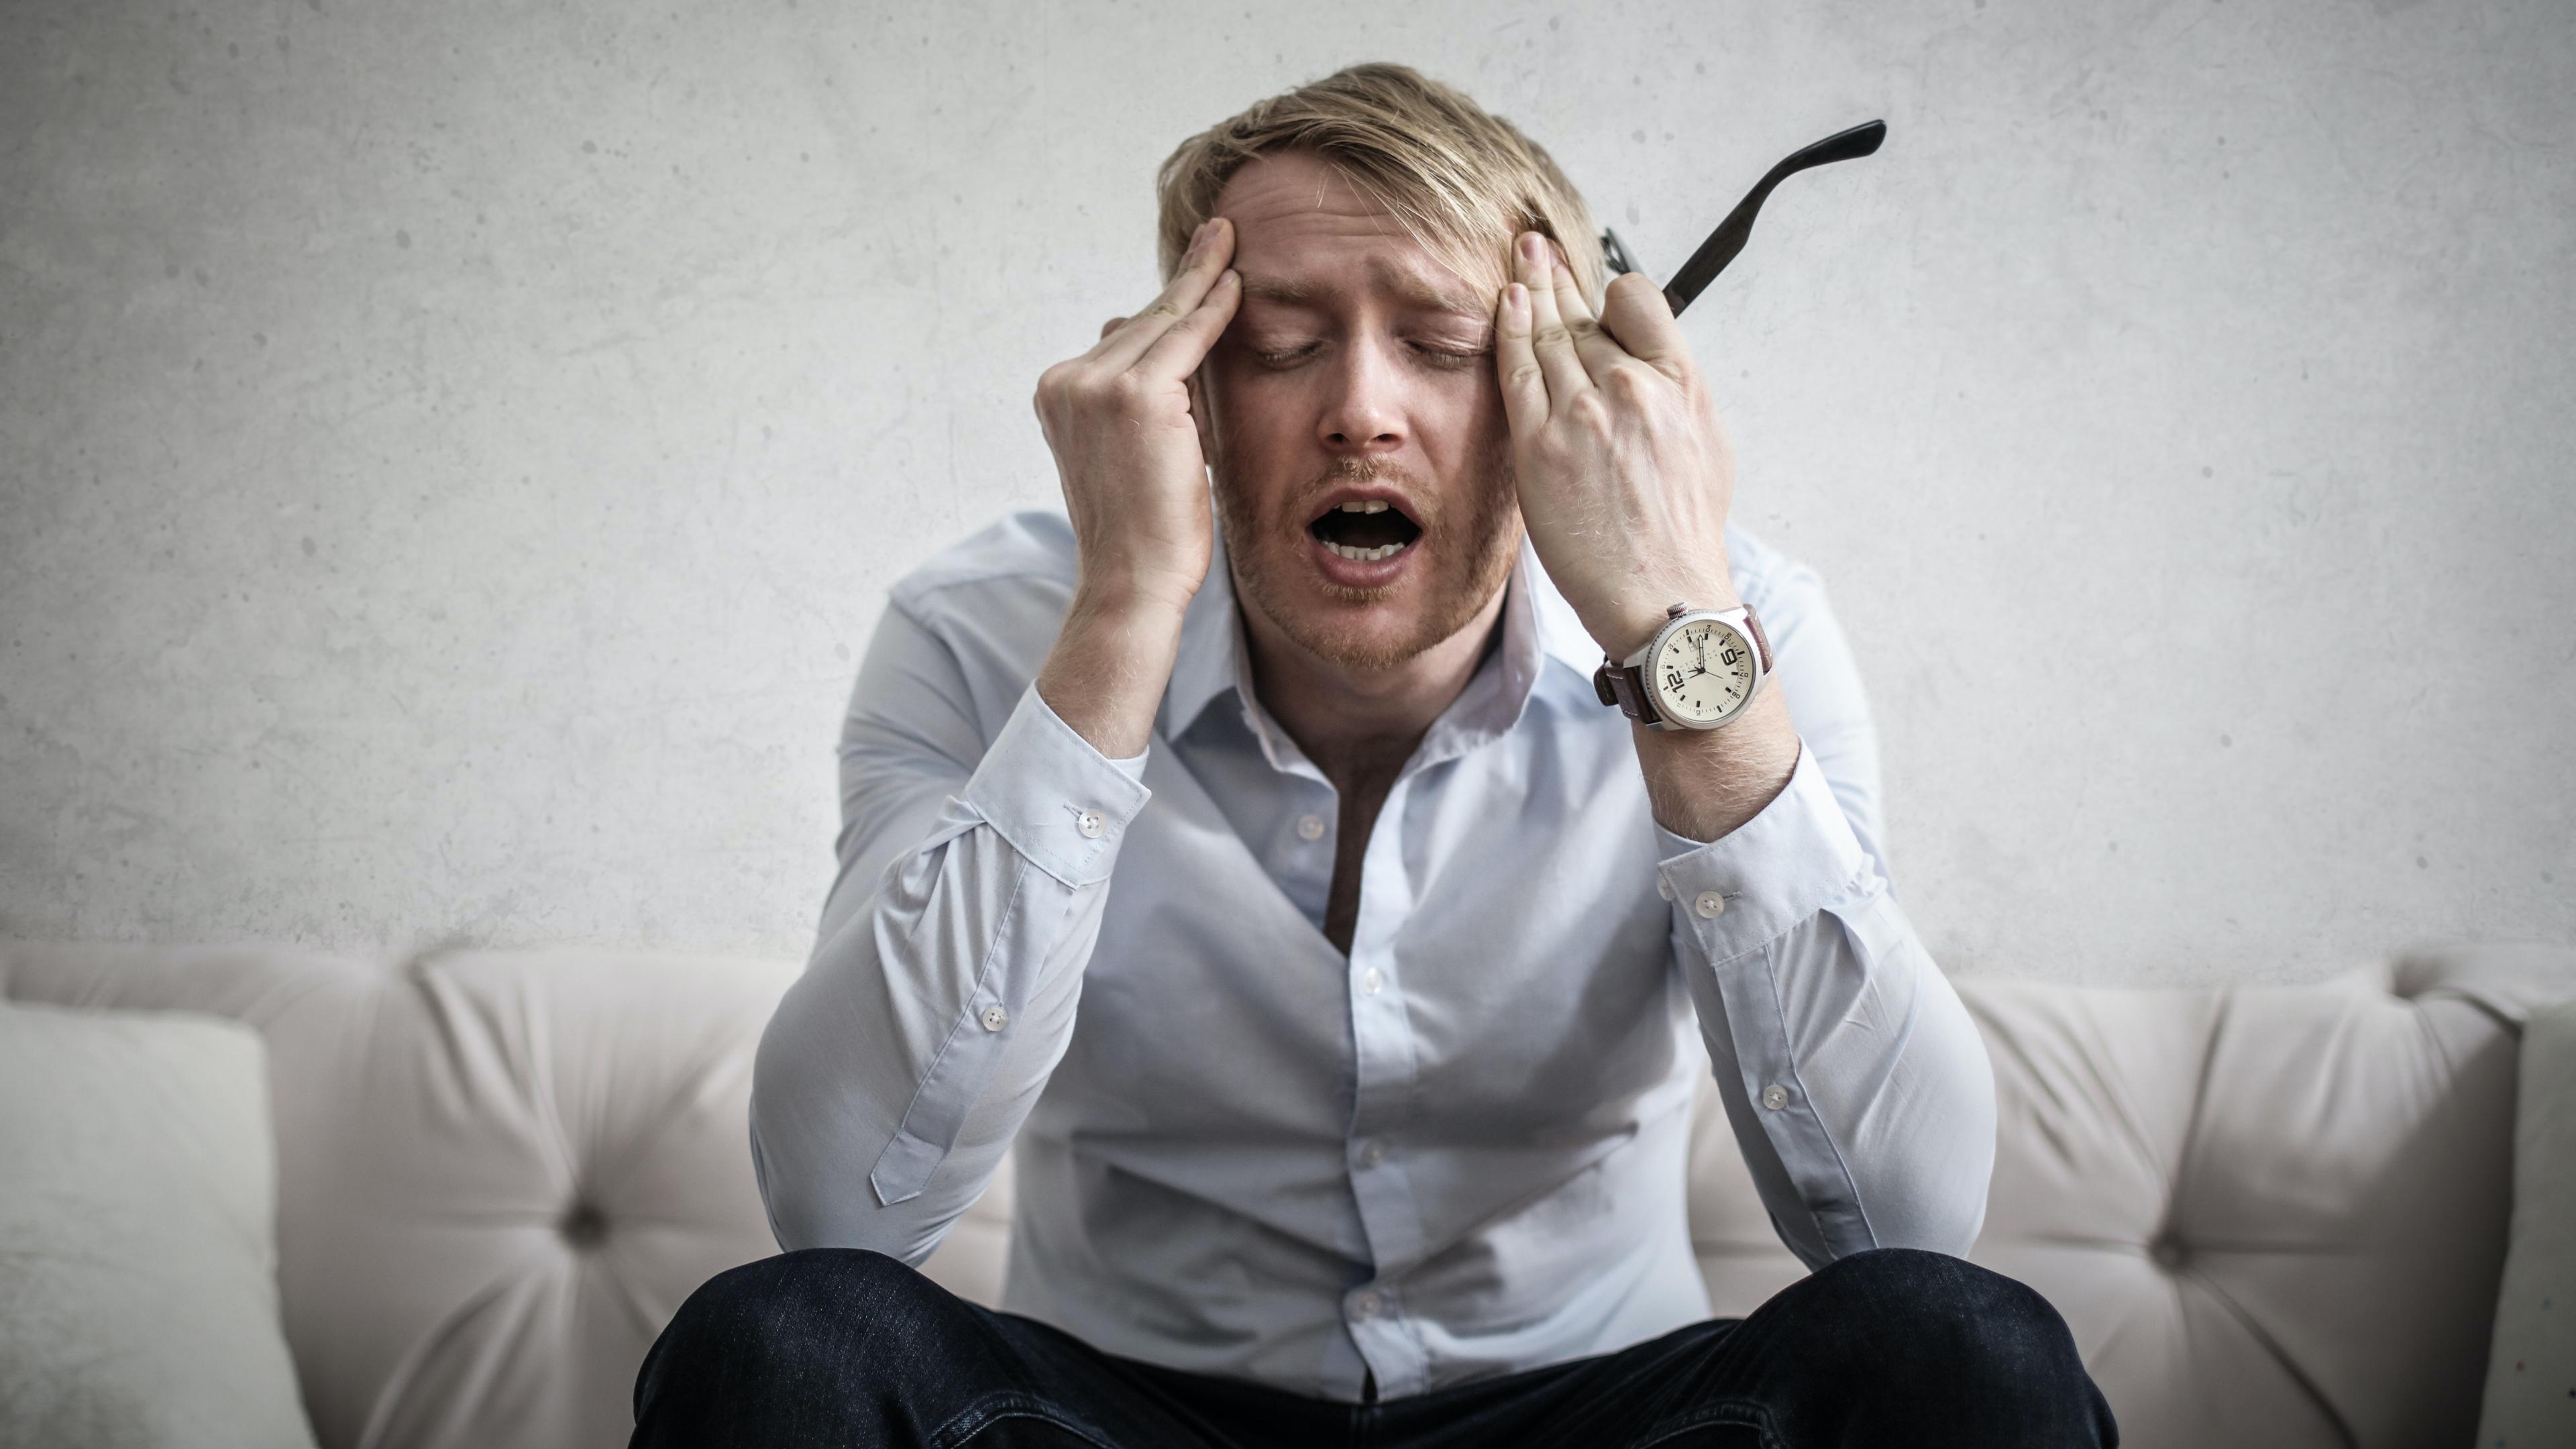 Физическая активность спасает от тревожных расстройств